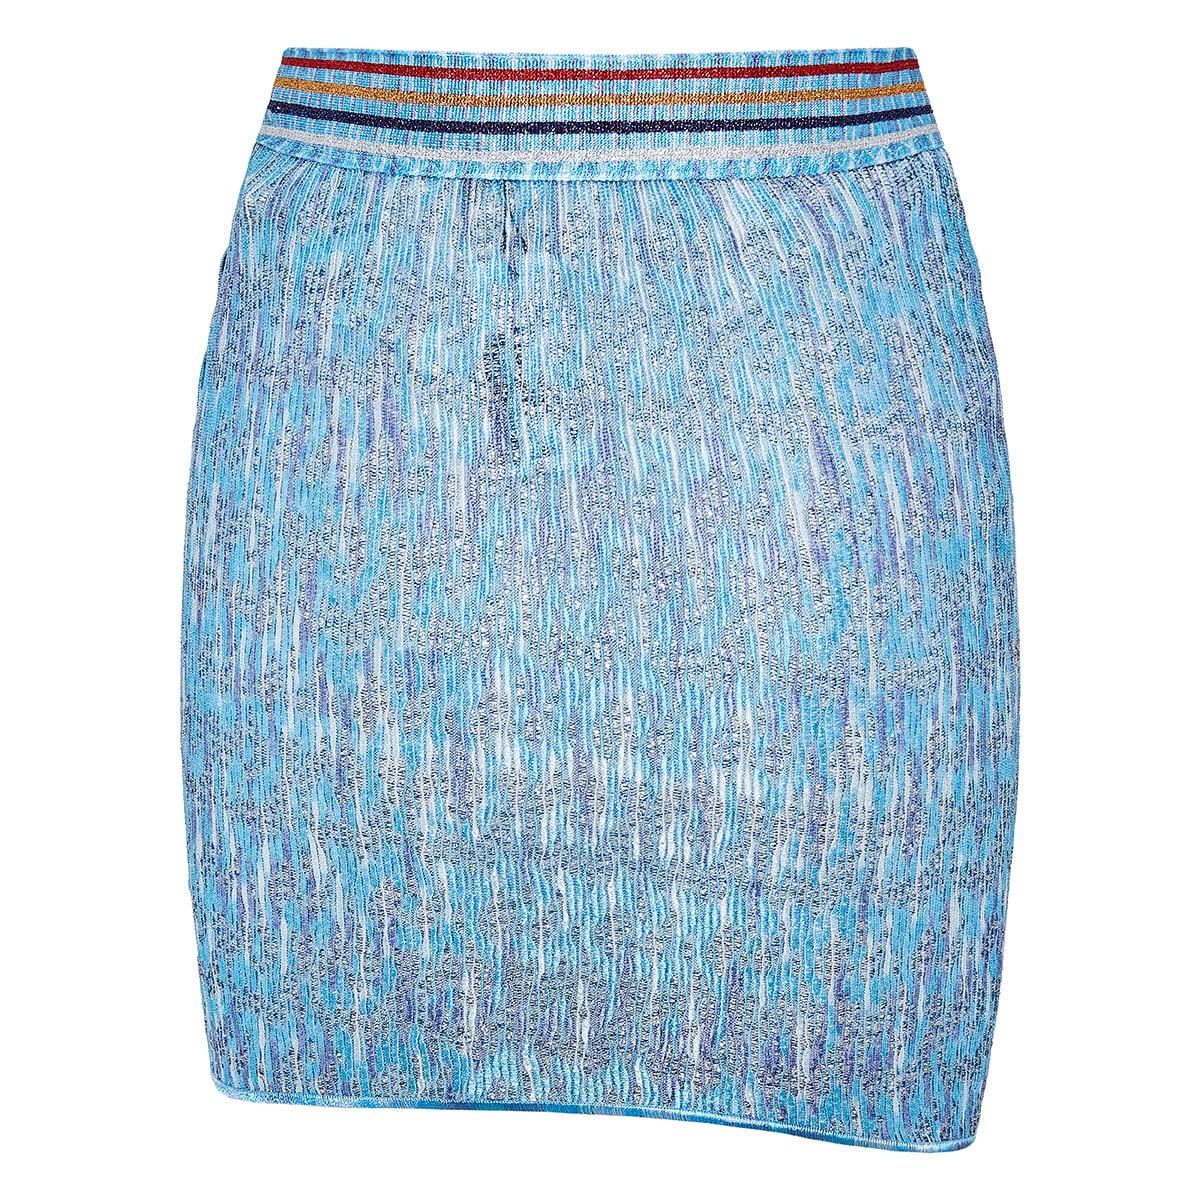 Lurex-knitted ruffled mini skirt